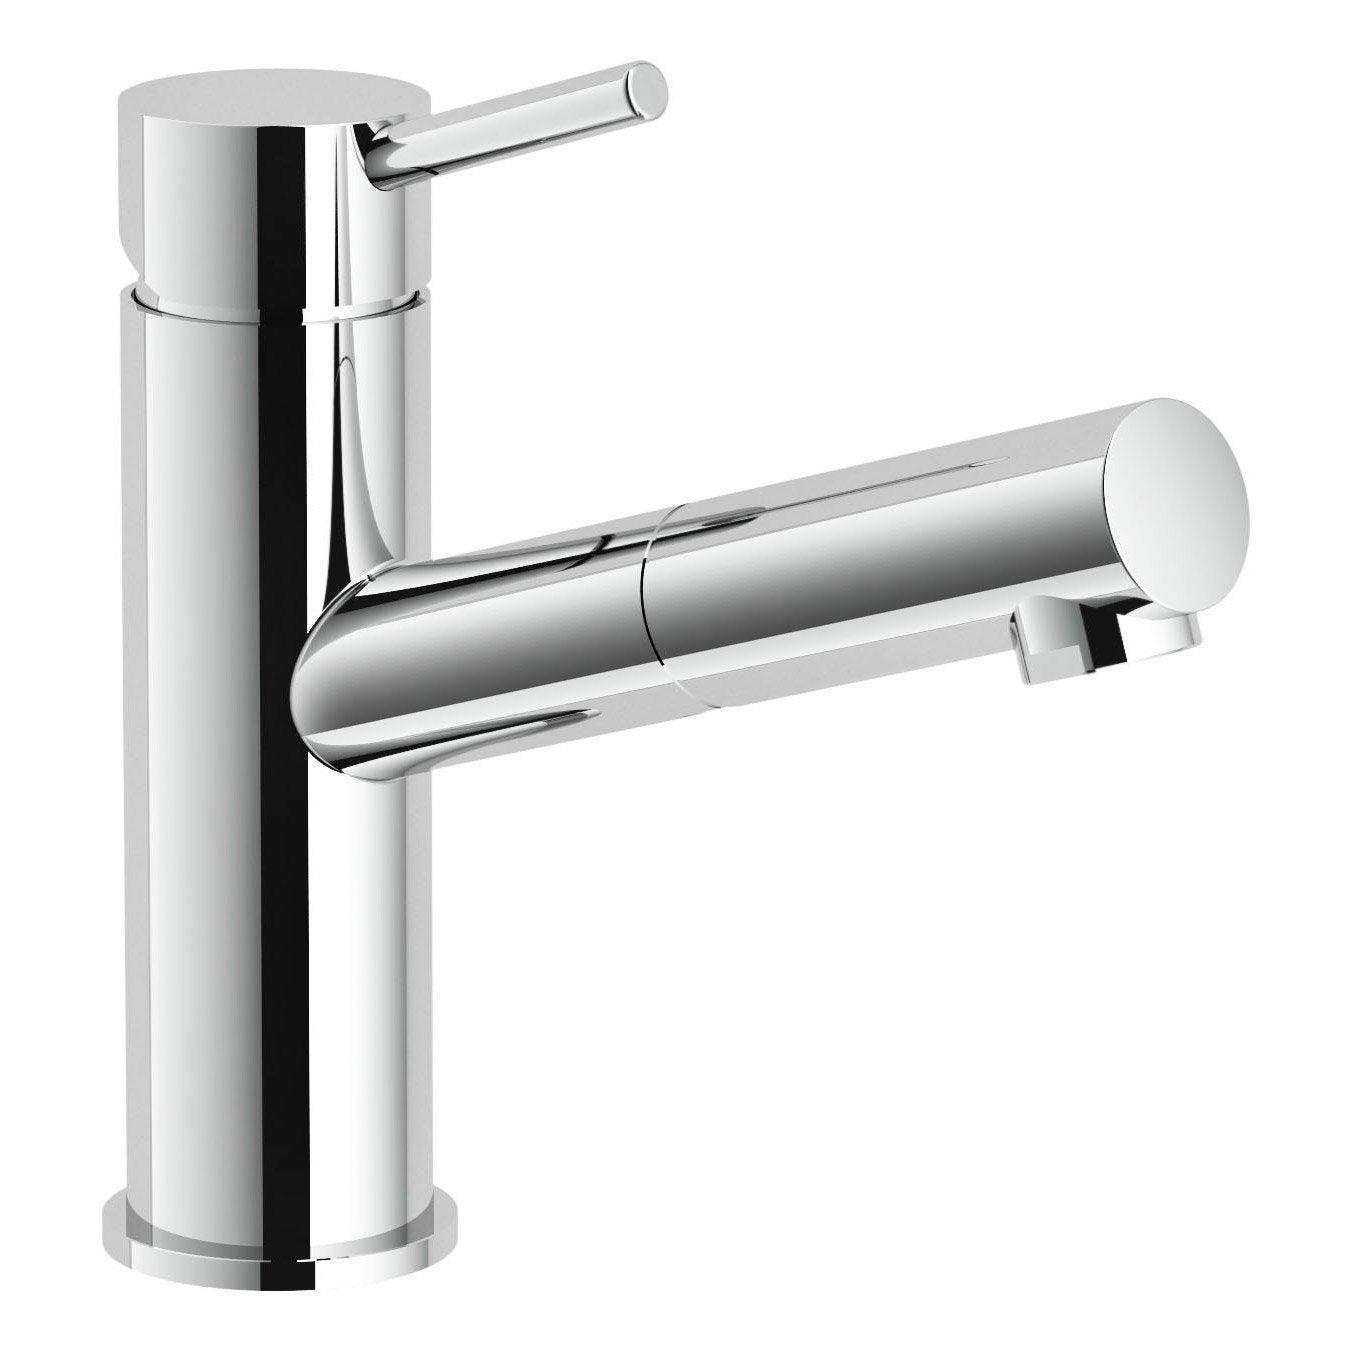 mitigeur de lavabo douchette chrome brillant maya Résultat Supérieur 15 Beau Mitigeur De Lavabo Photos 2018 Kse4